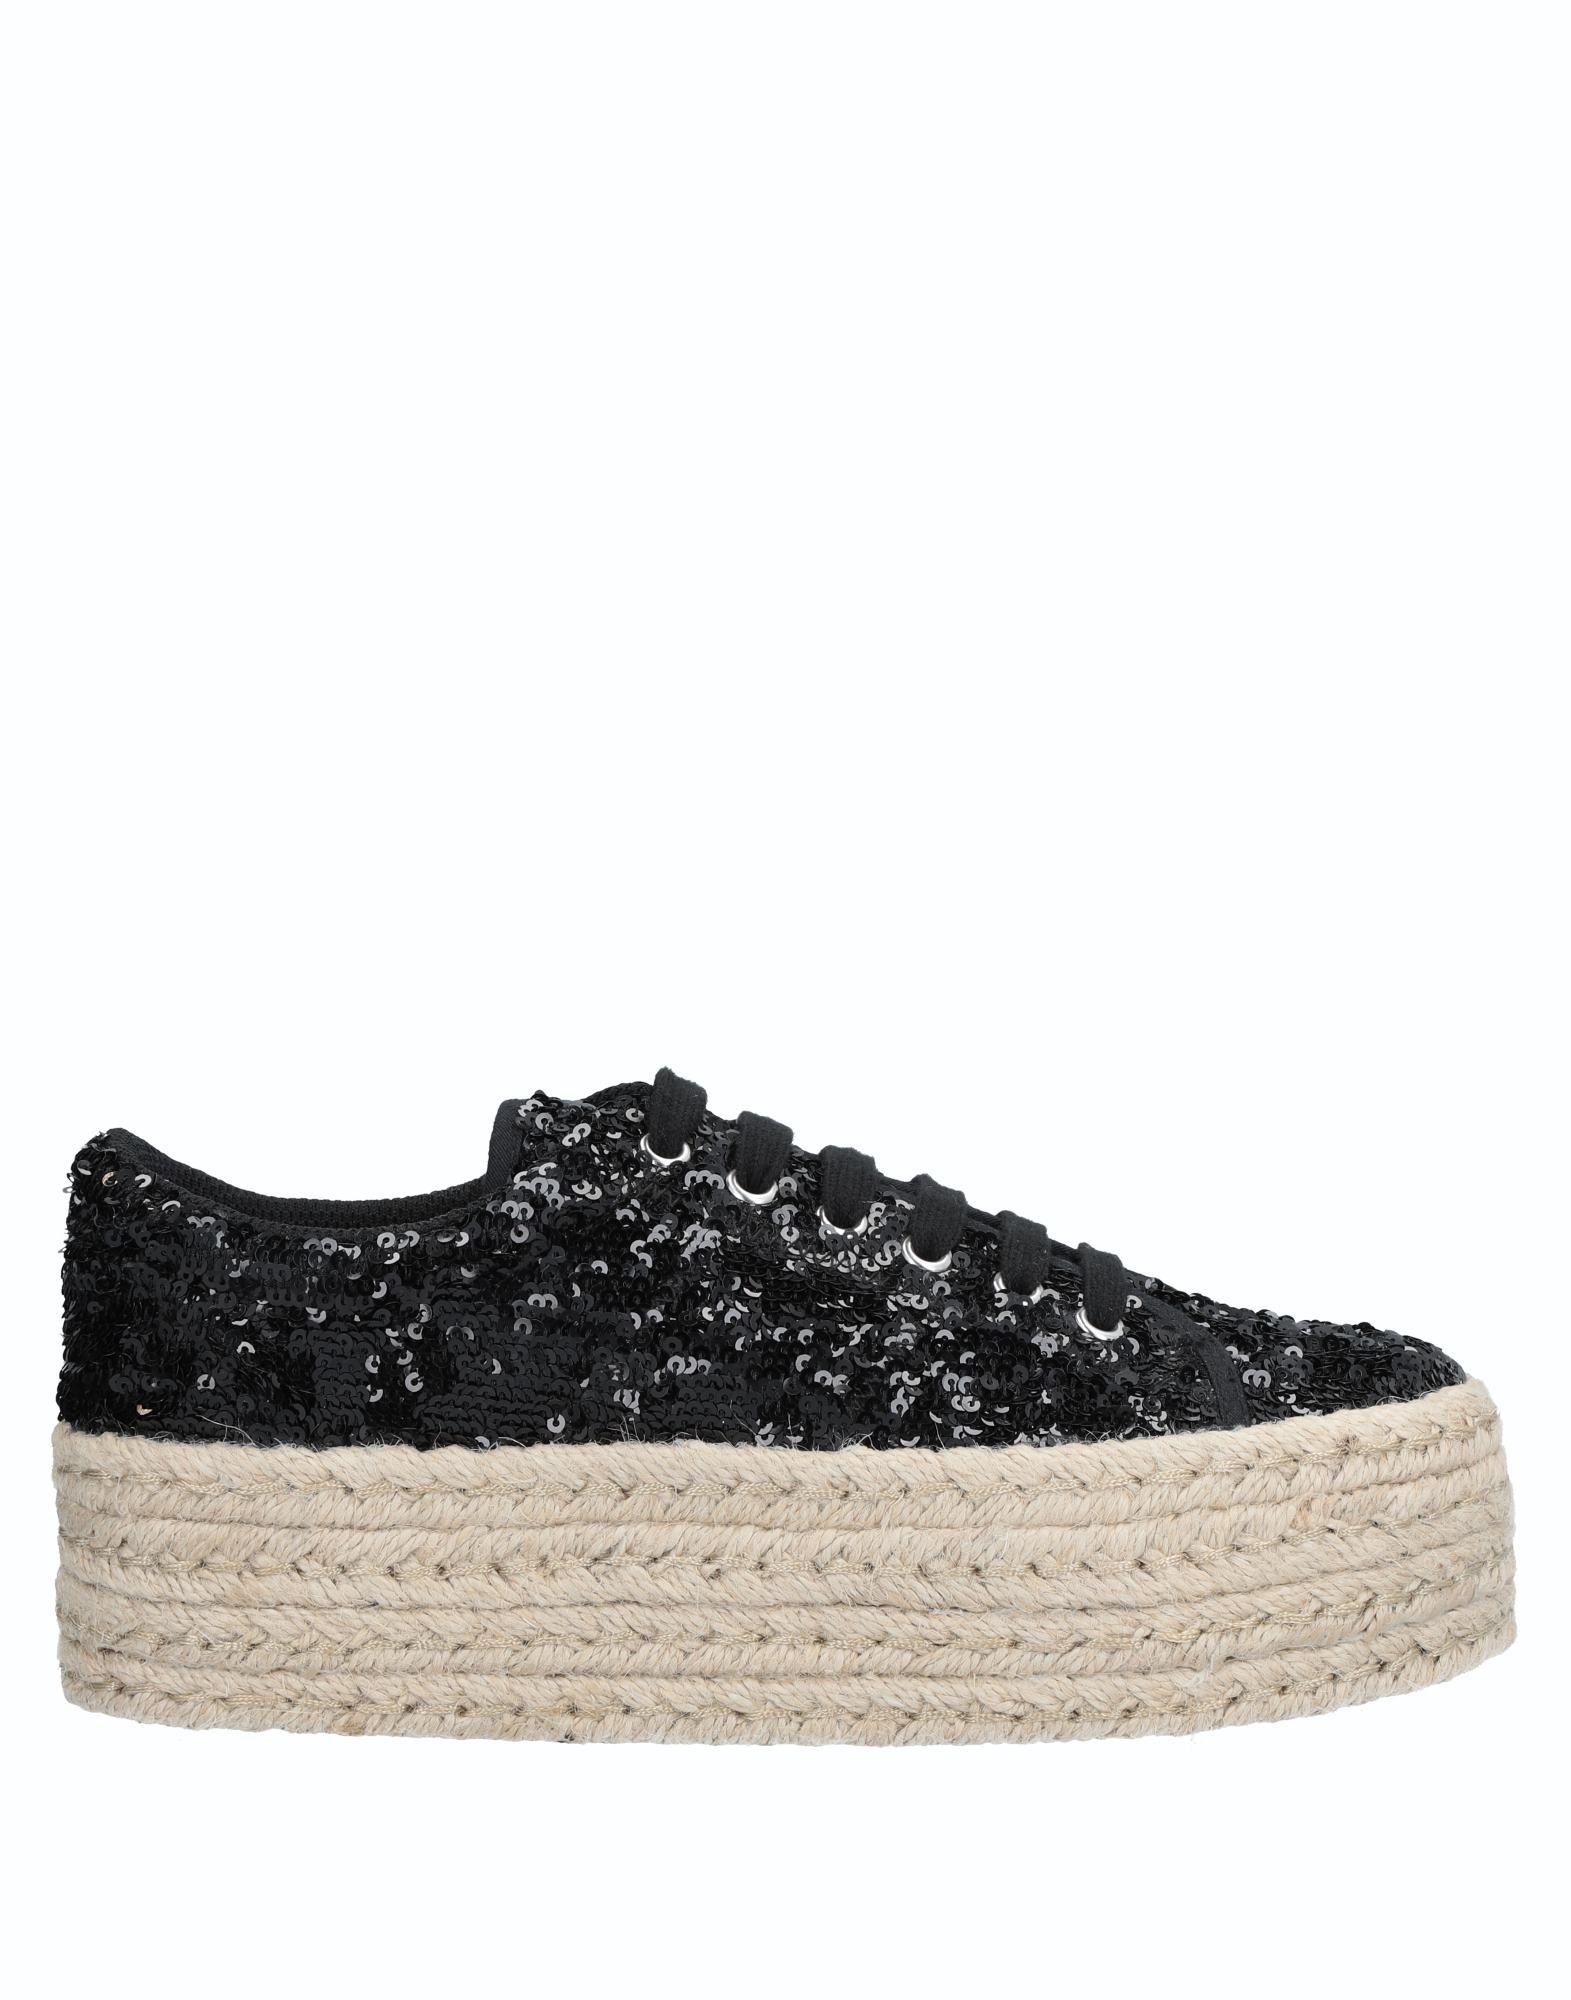 Jc Play By Jeffrey Campbell Sneakers Damen  11538123BJ Gute Qualität beliebte Schuhe